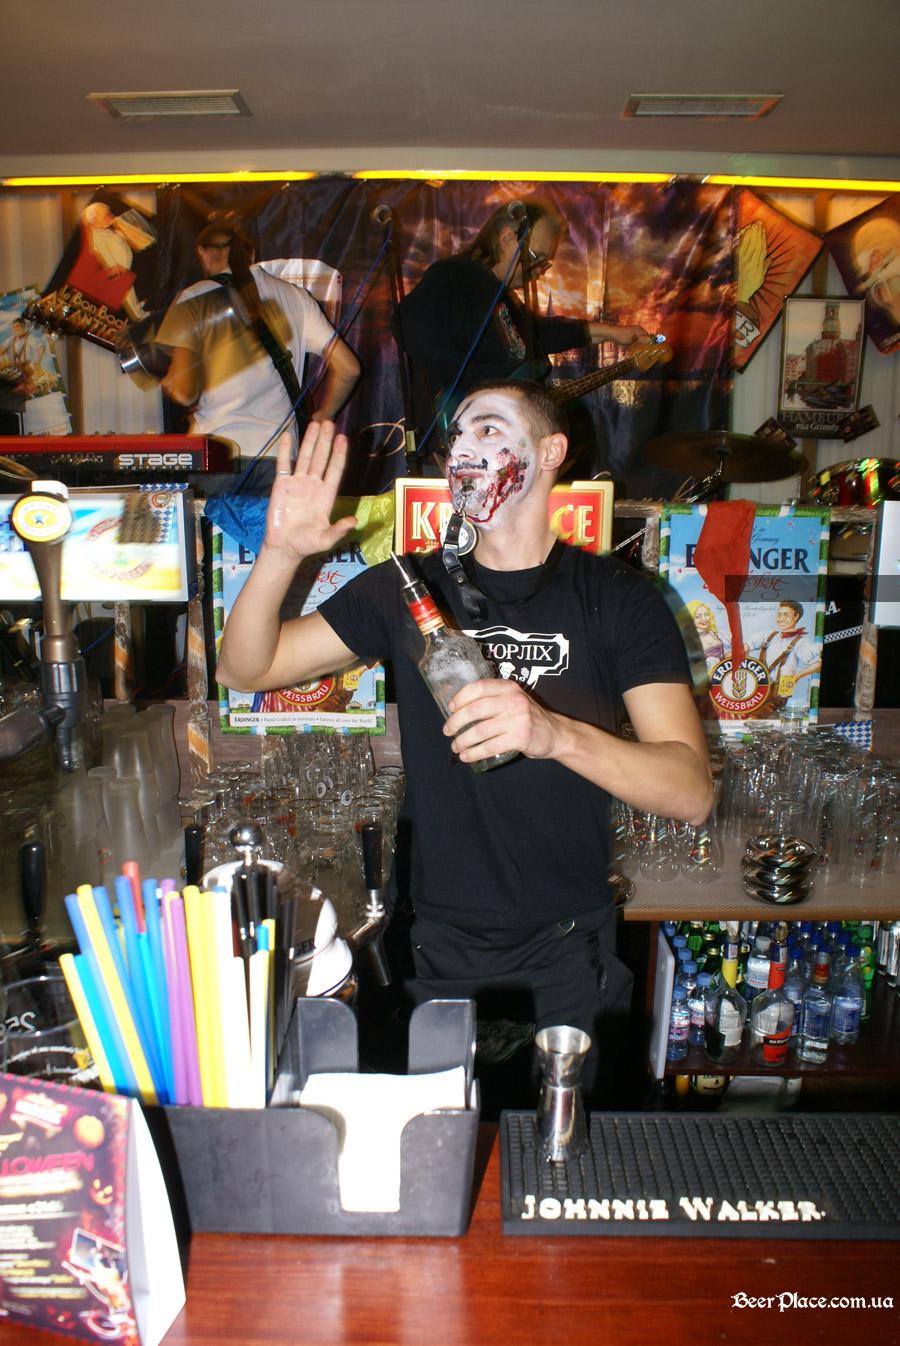 Хеллоуин 2010 в Киеве. Пивной клуб Натюрлих. Фото. Главный бармен